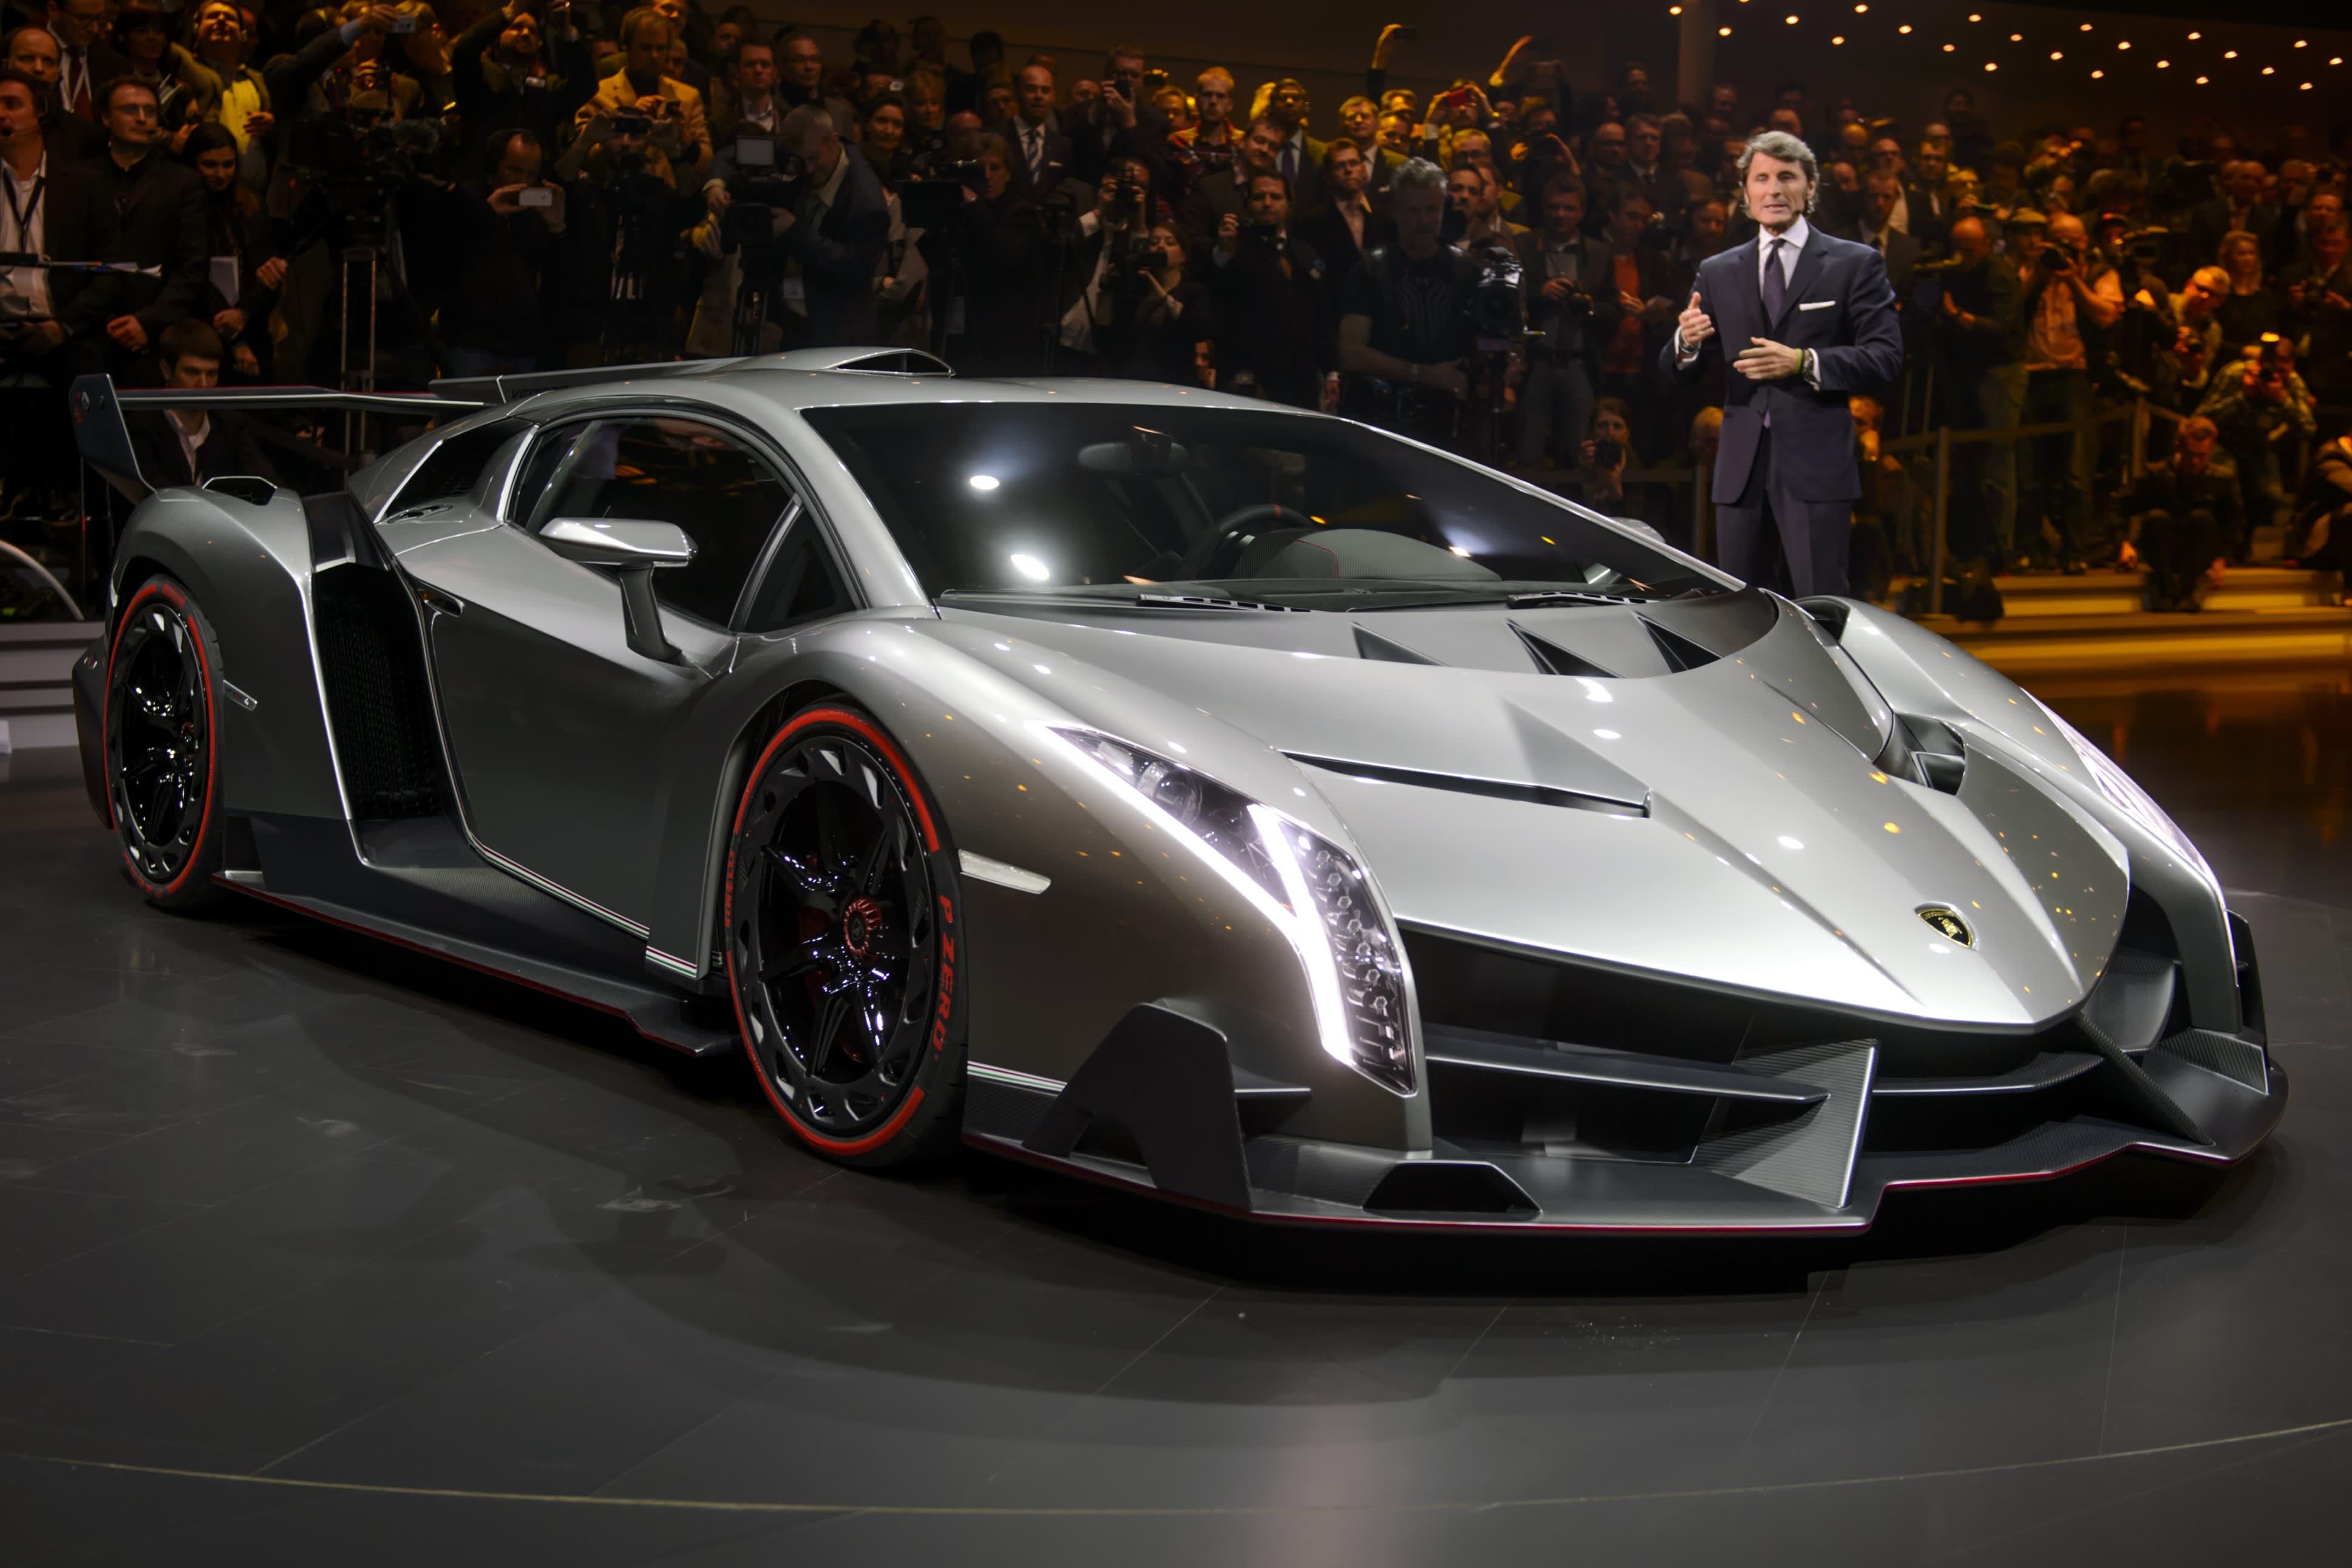 How Much Is A Lamborghini Veneno >> The 4 Million Lamborghini Veneno S Maiden Voyage